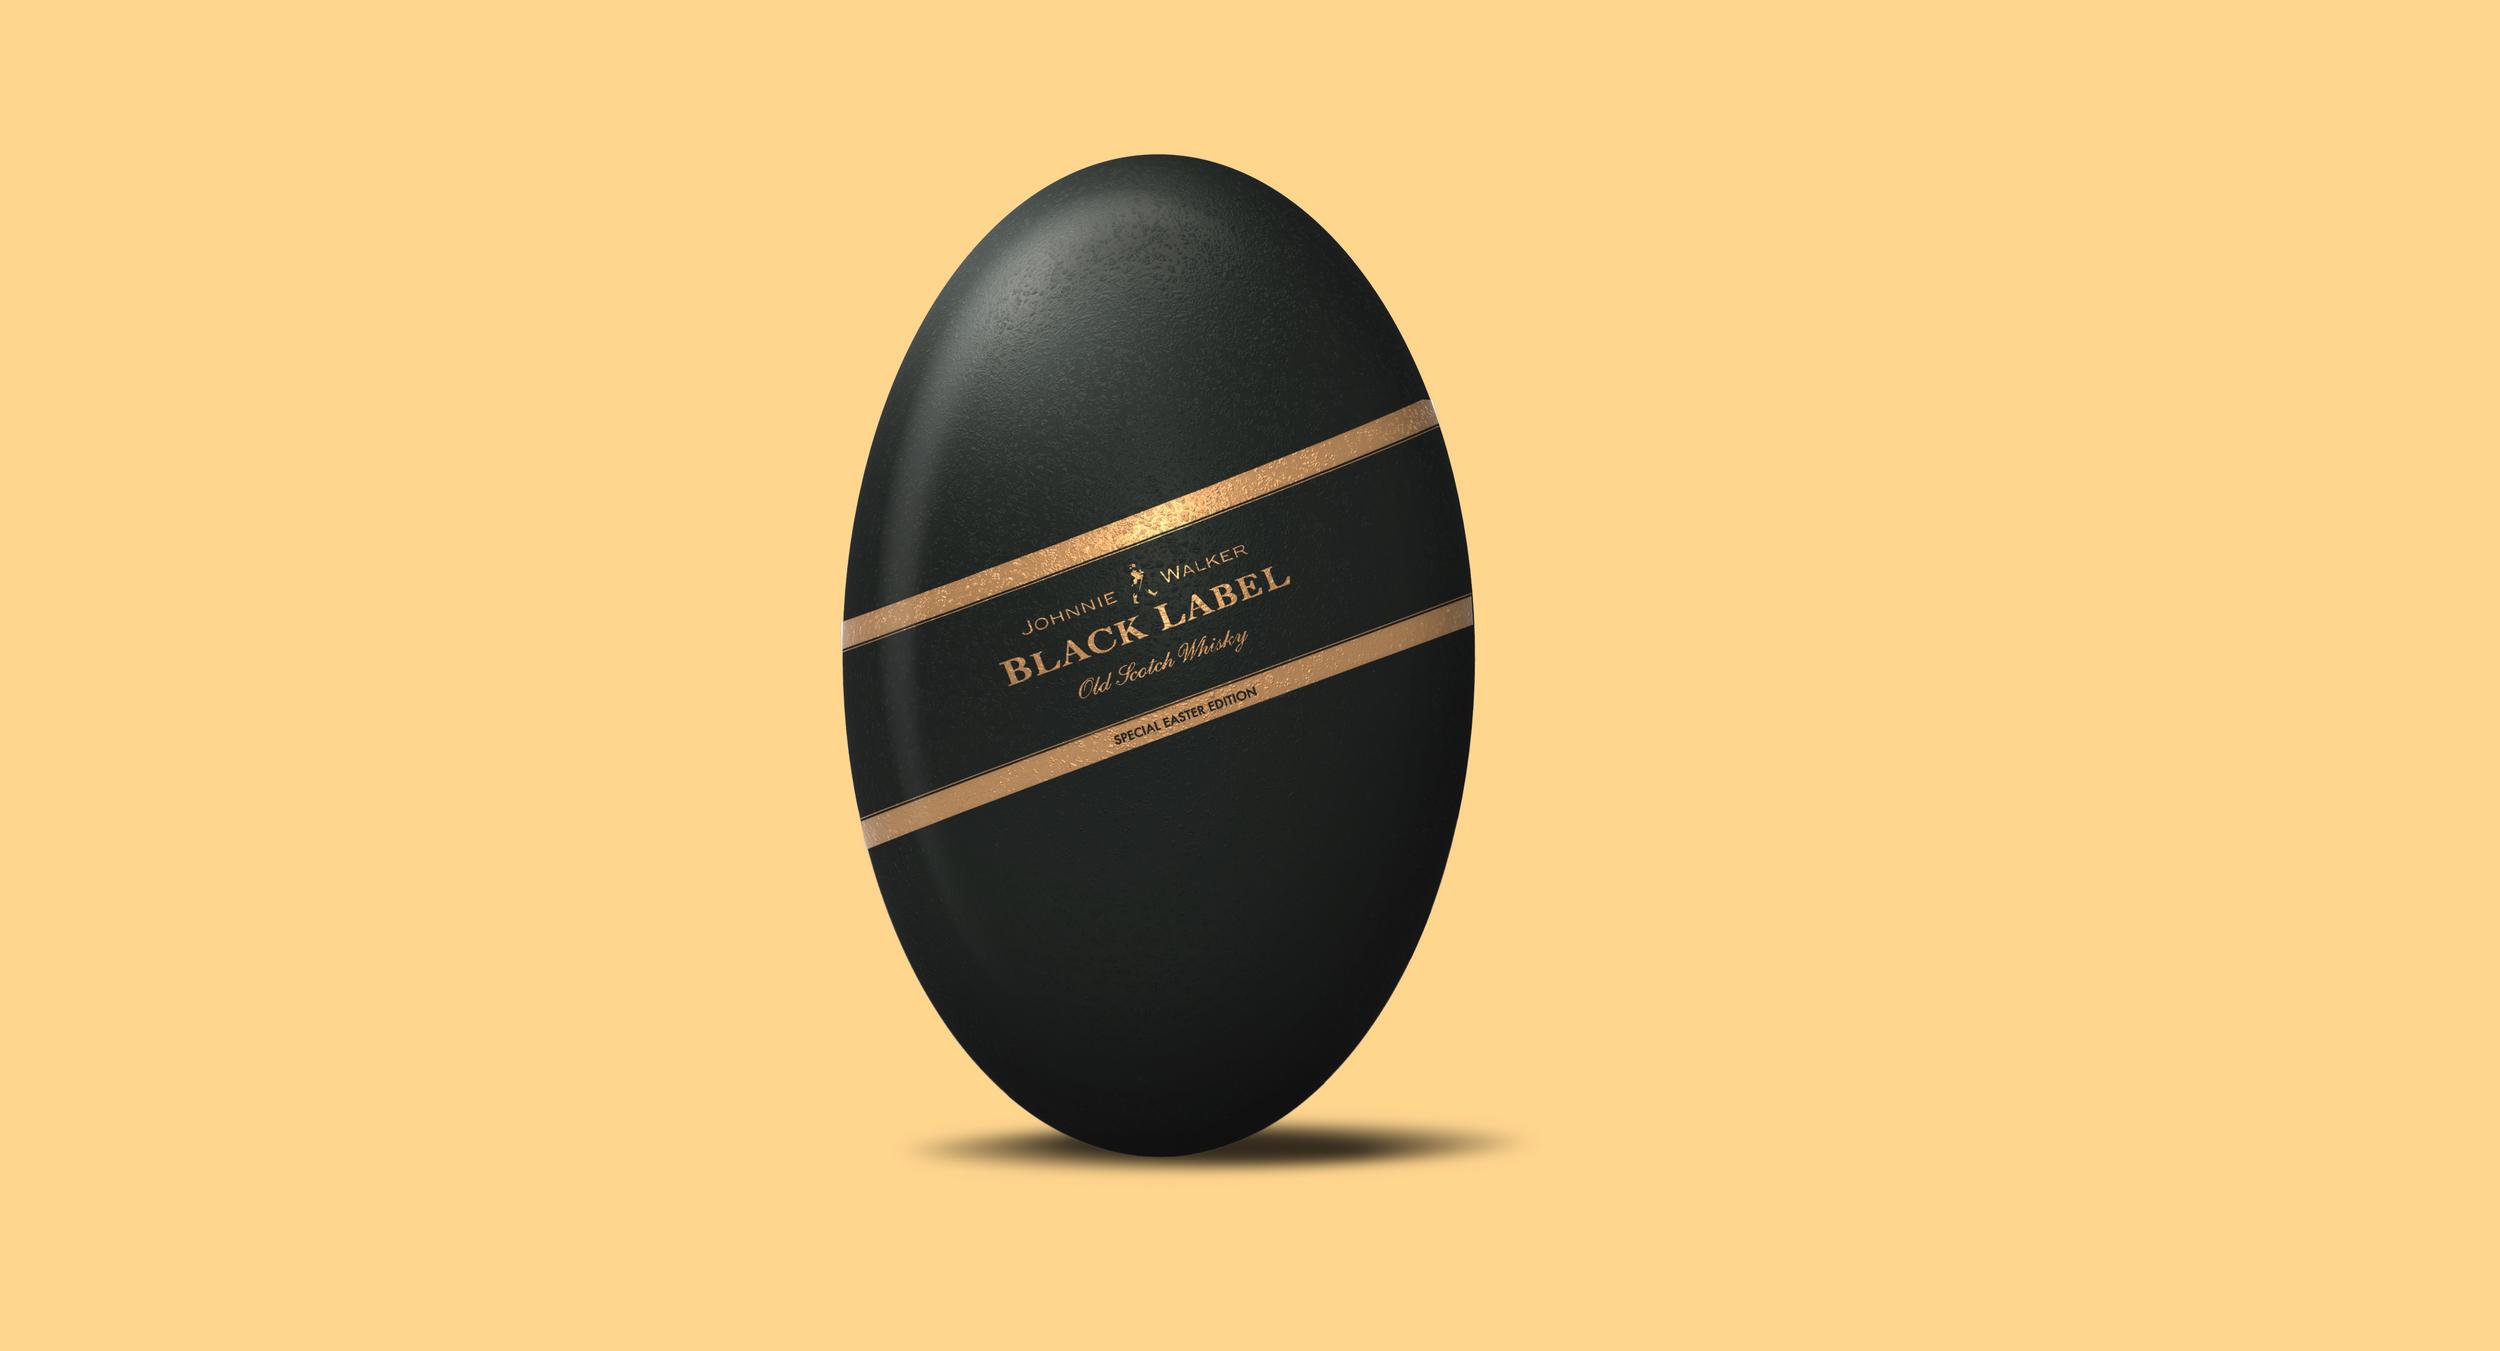 Johnnie Walker Easter Egg, Black Label.